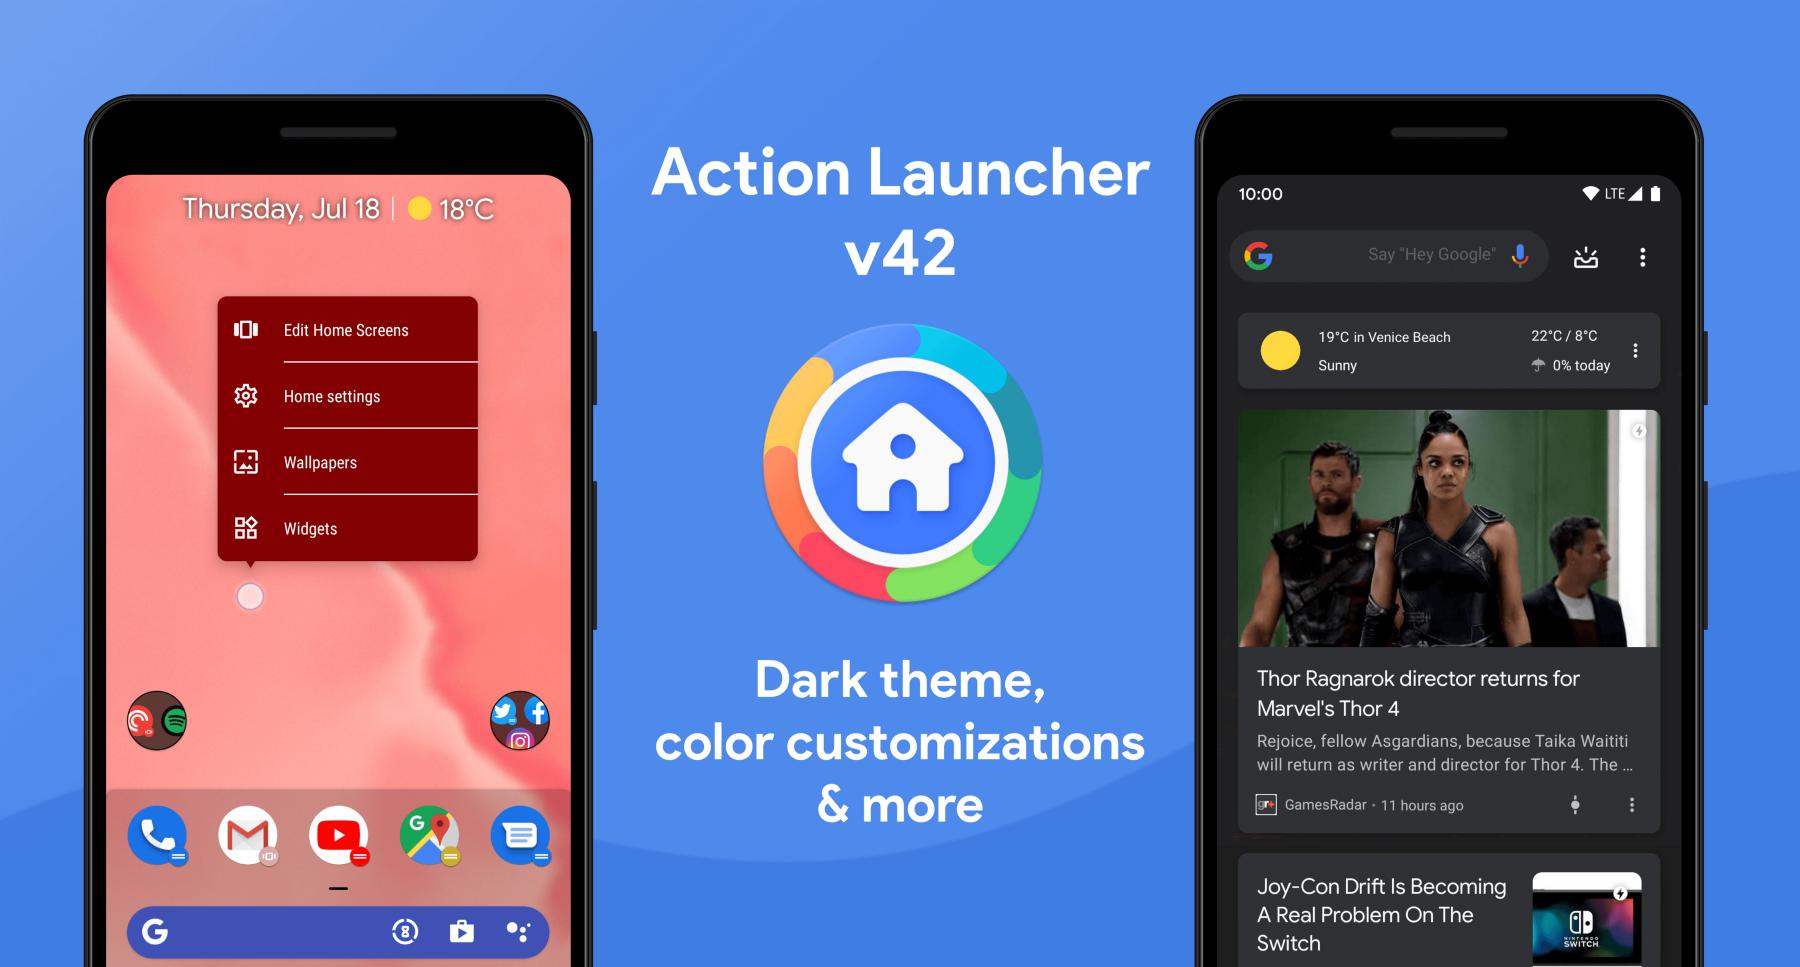 تحديث تطبيق Action Launcher يحصل على المزيد من تخصيص الثيمات وأكثر